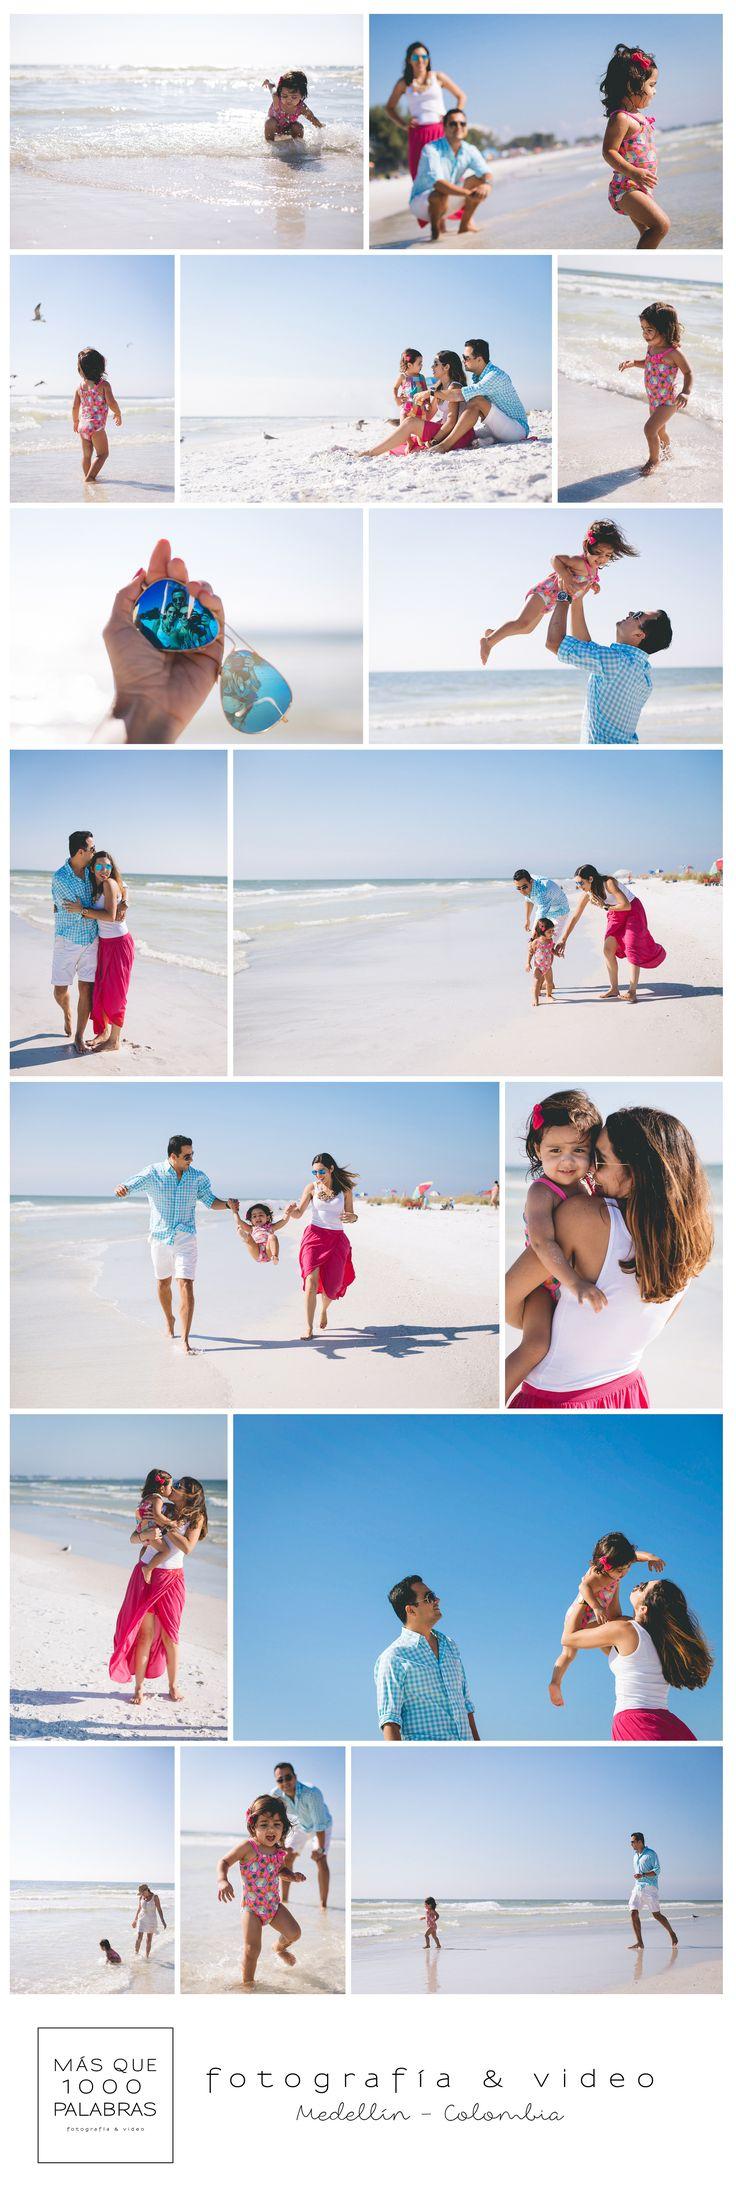 """FOTOS FAMILIARES EN LA FLORIDA Esta sesión de fotos tiene algo muy especial, la hicimos en un lugar que tiene mi nombre """"Anna Maria Island"""" cerca a Tampa en La florida. Un lugar increíble con una arena tan blanca que jamás había visto, es tan fina que casi desaparece en la mano y tan blanca que se vuelve transparente."""